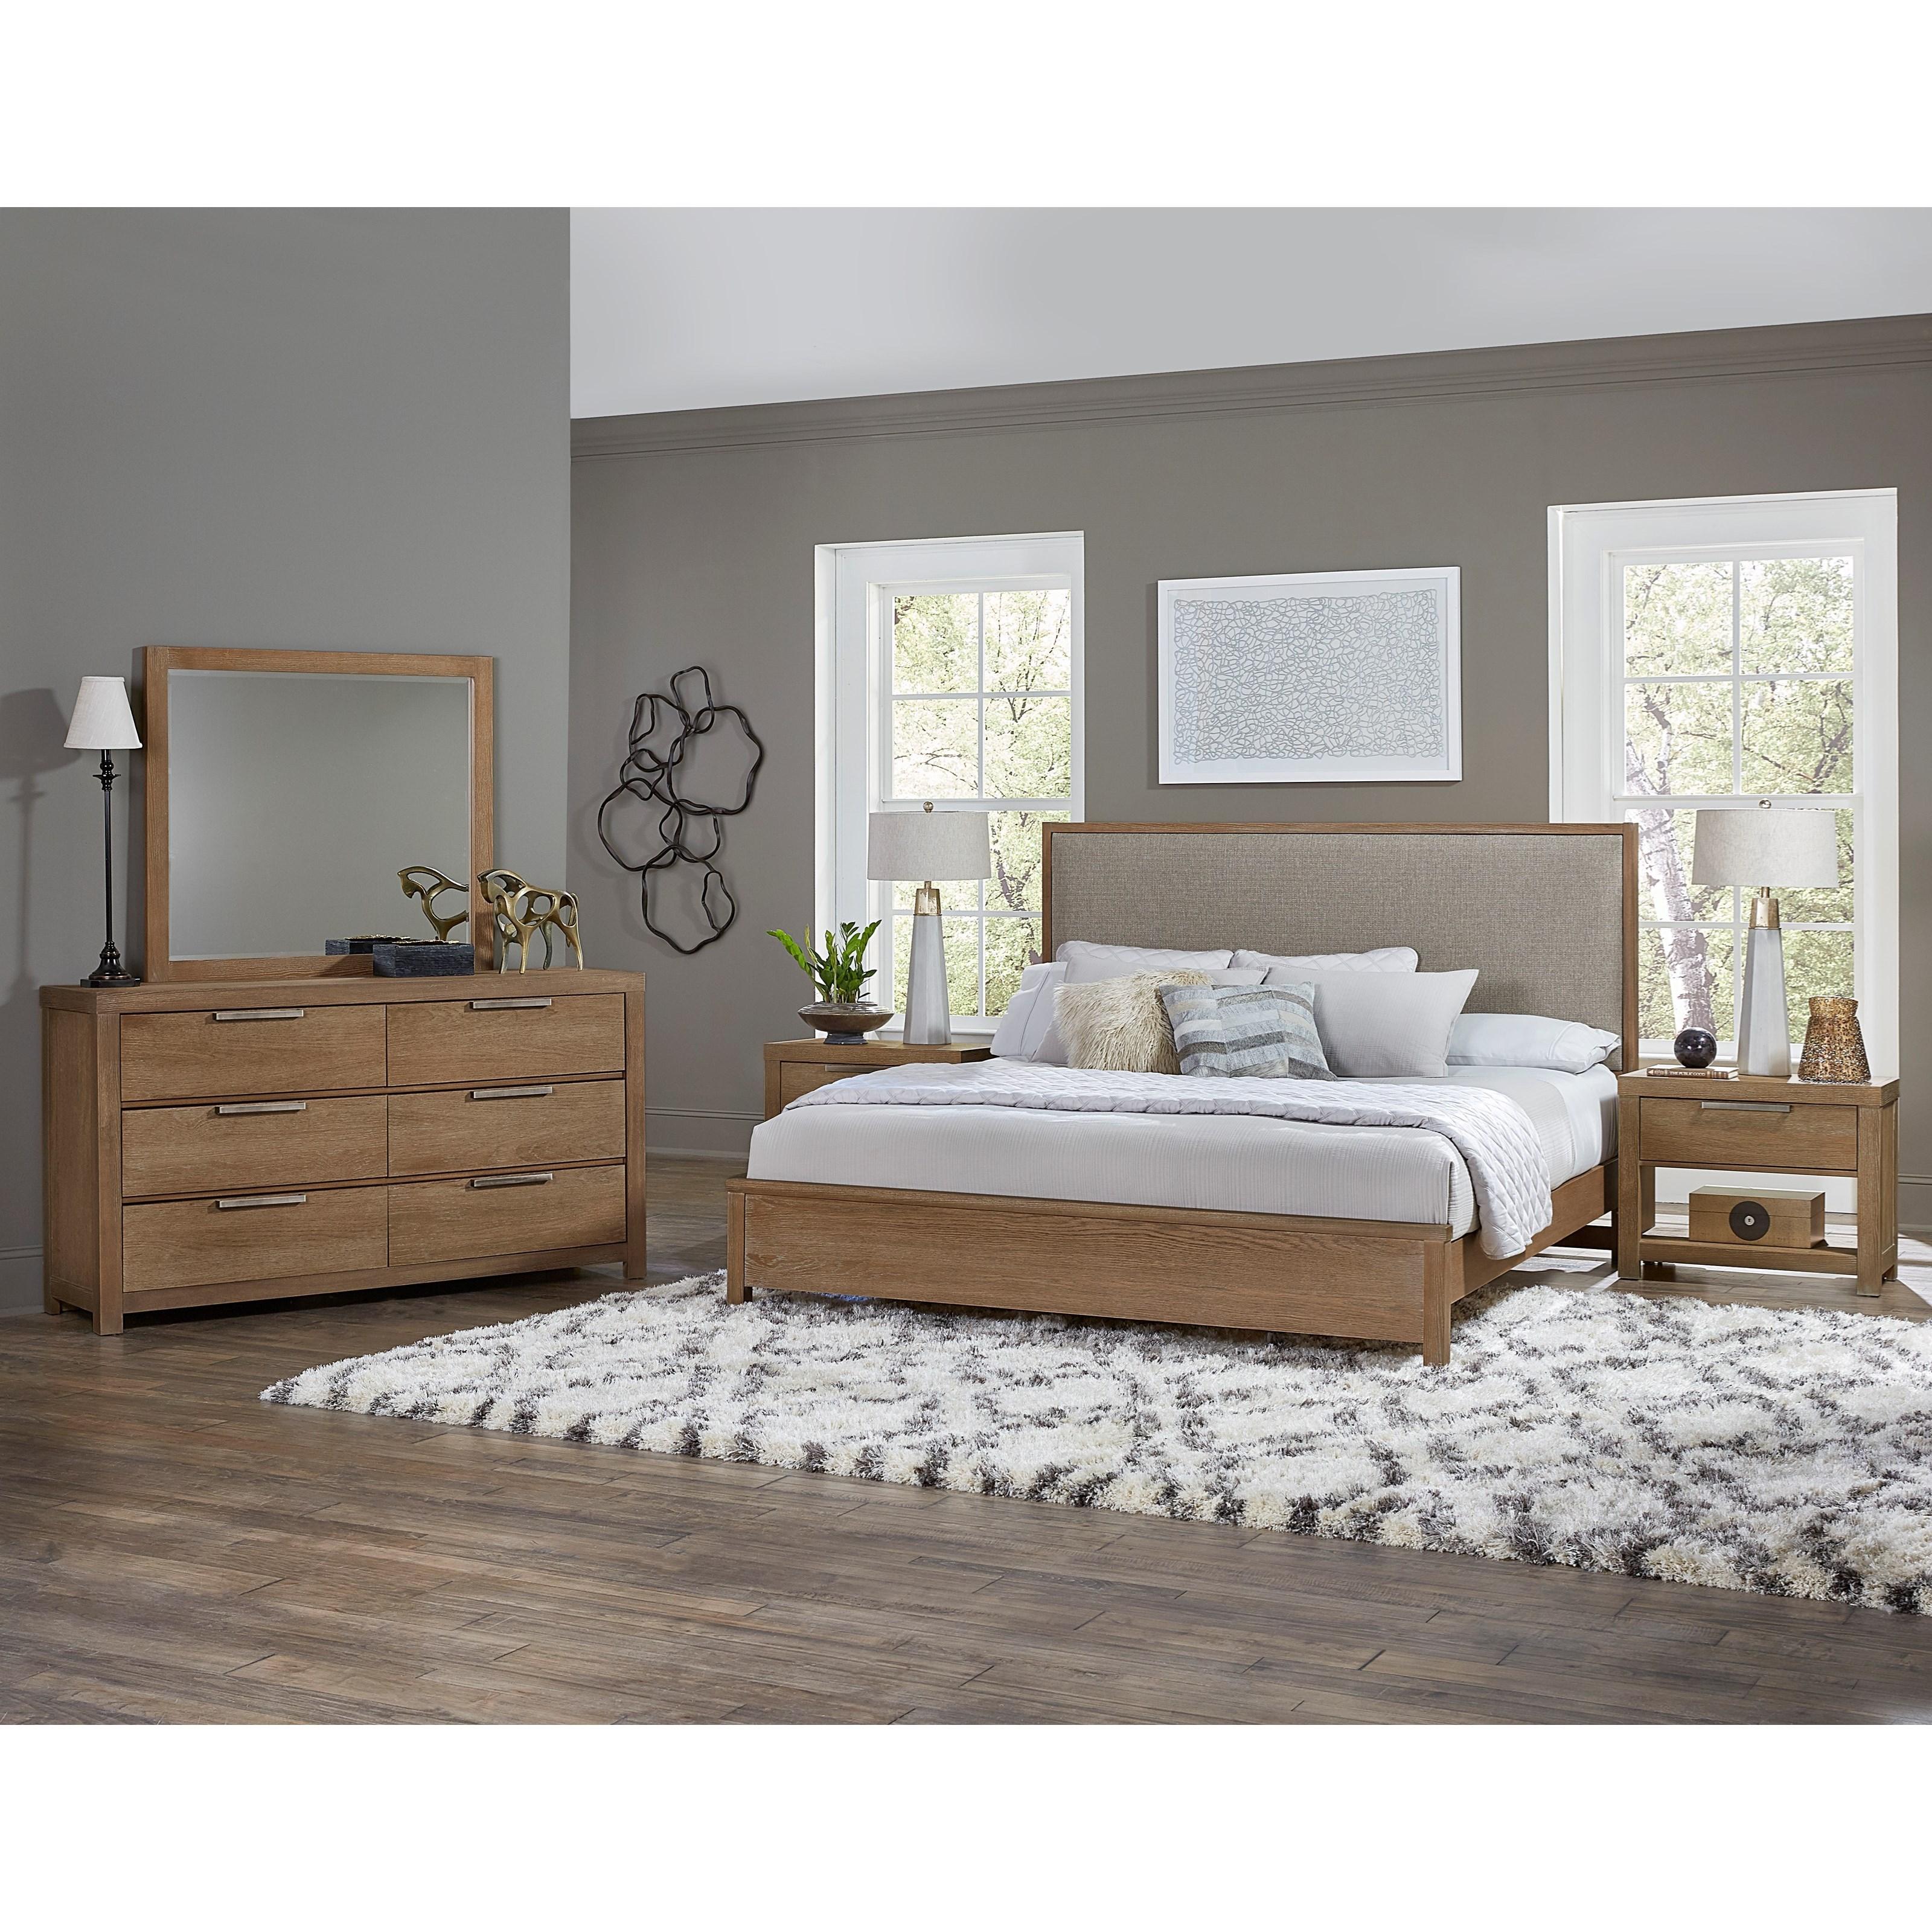 vaughan bassett american modern king bedroom group darvin furniture bedroom groups. Black Bedroom Furniture Sets. Home Design Ideas